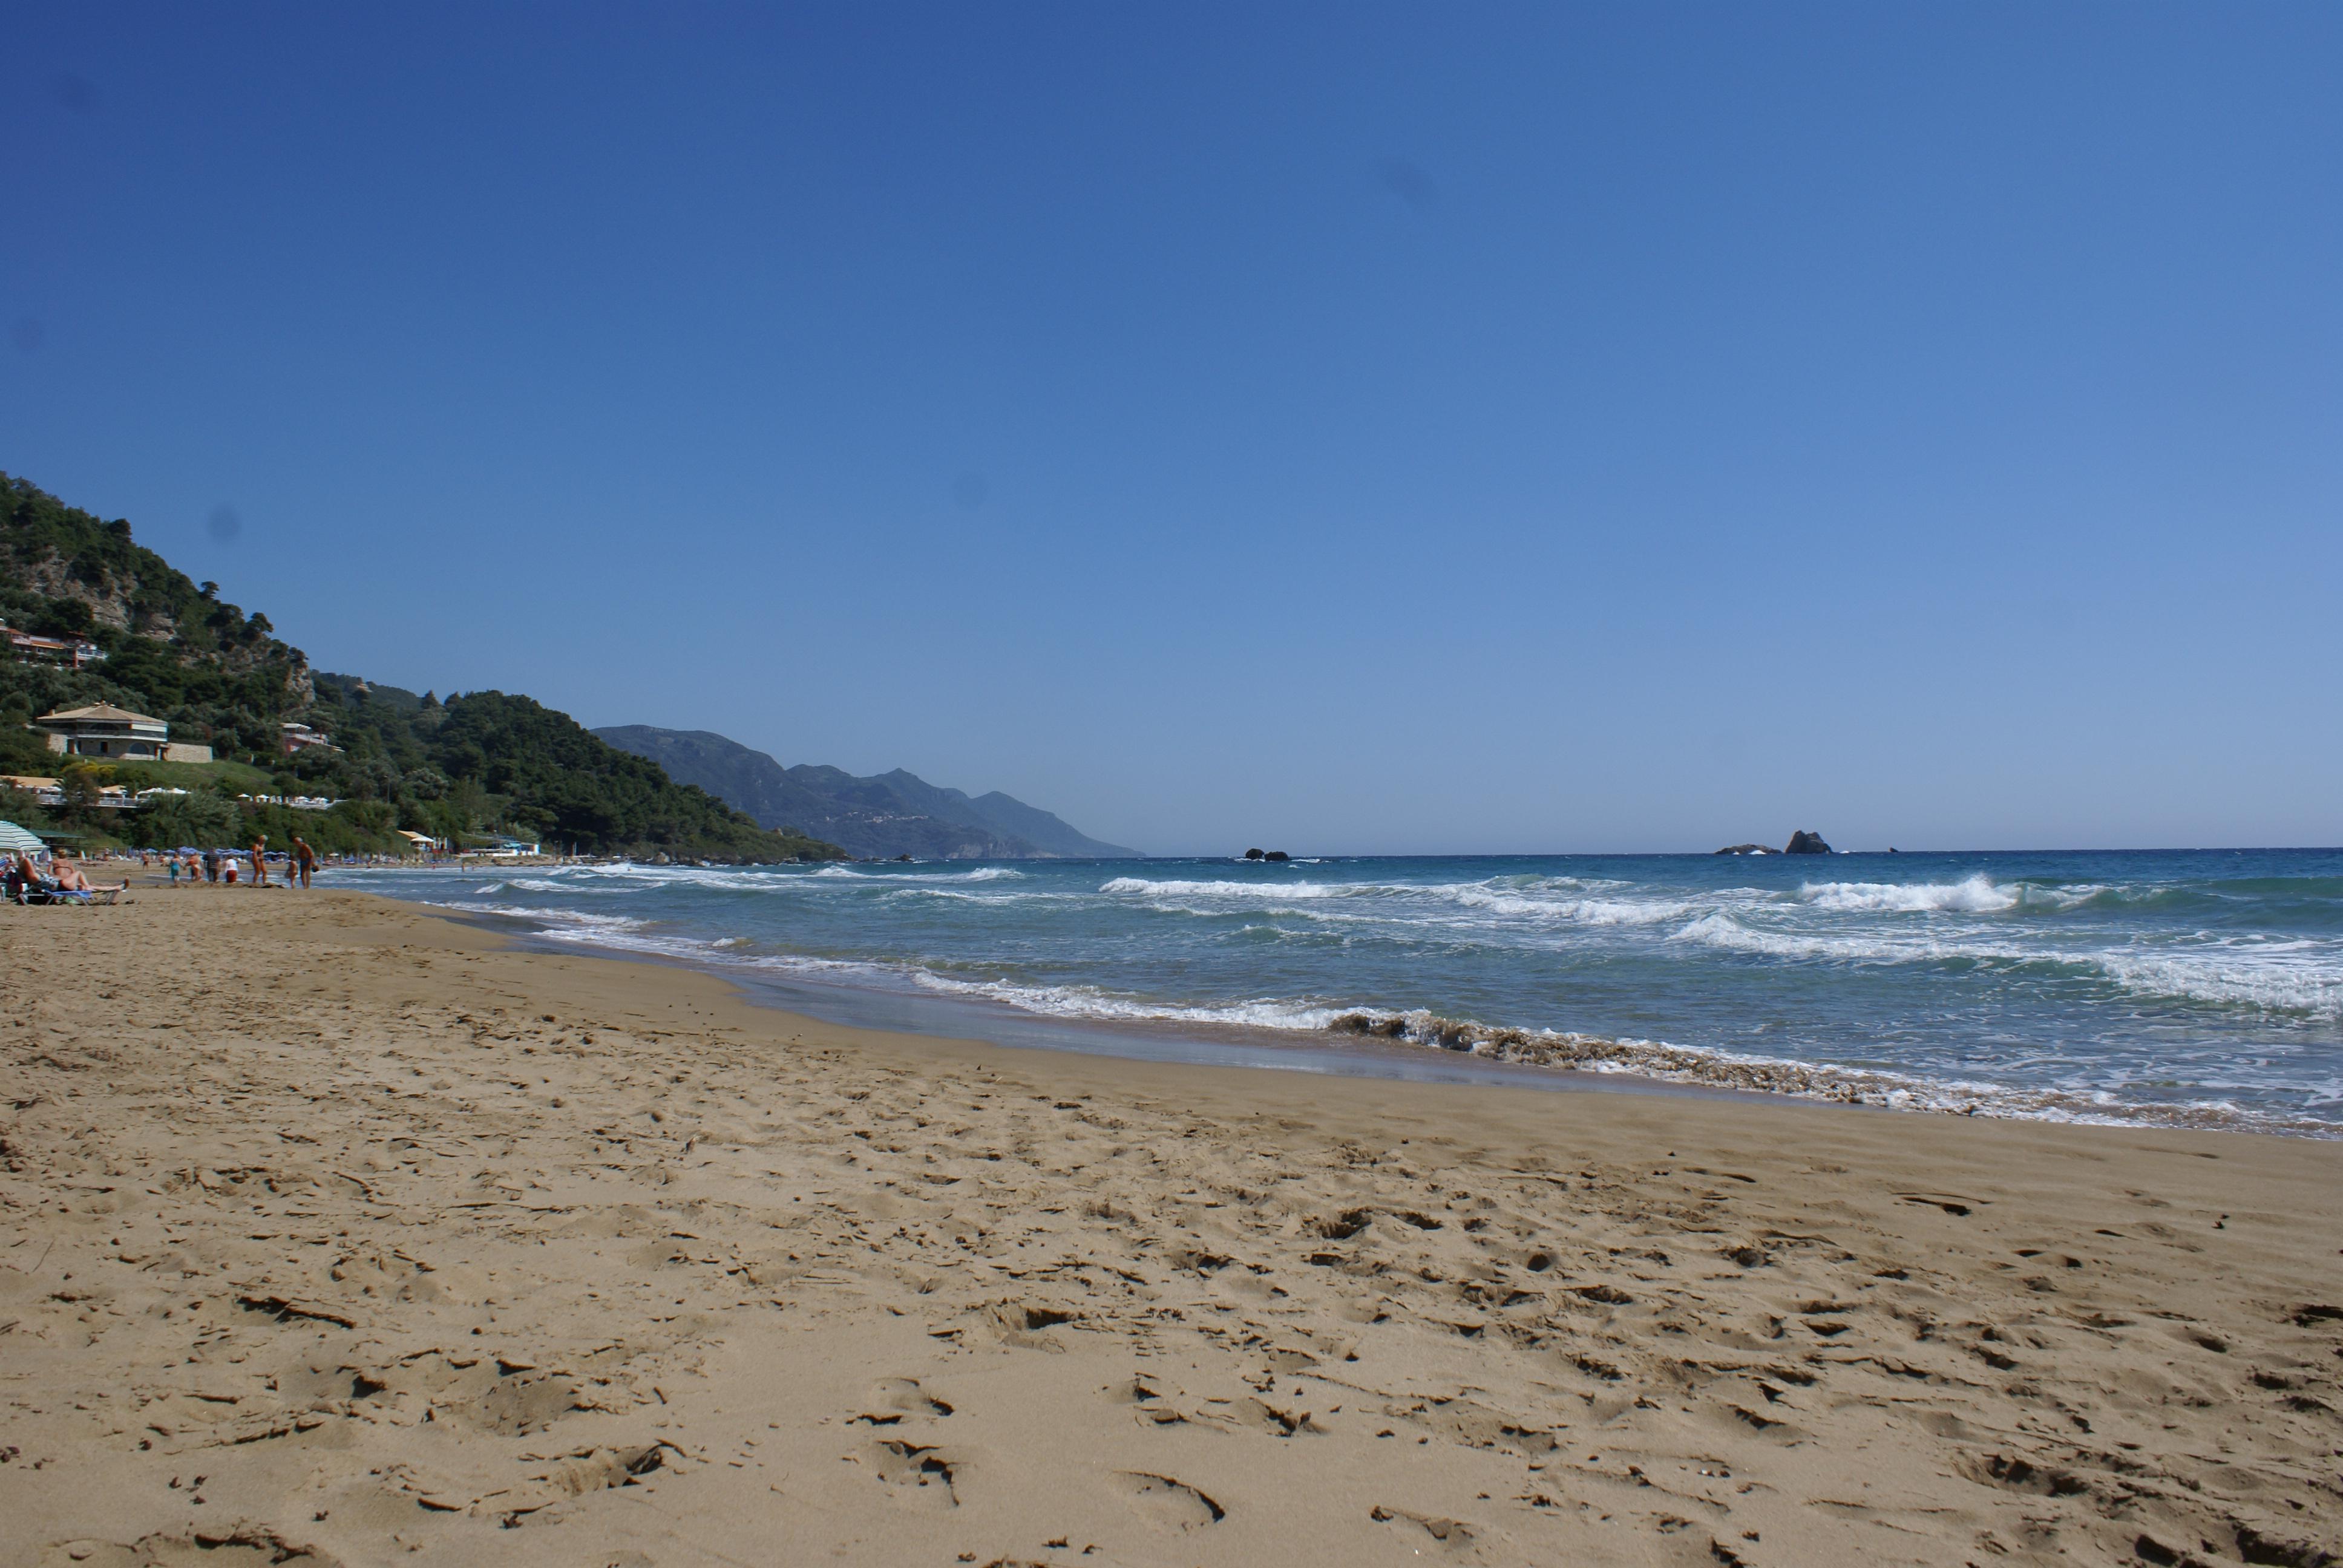 Strand von Pelekas, Korfu, Griechenland